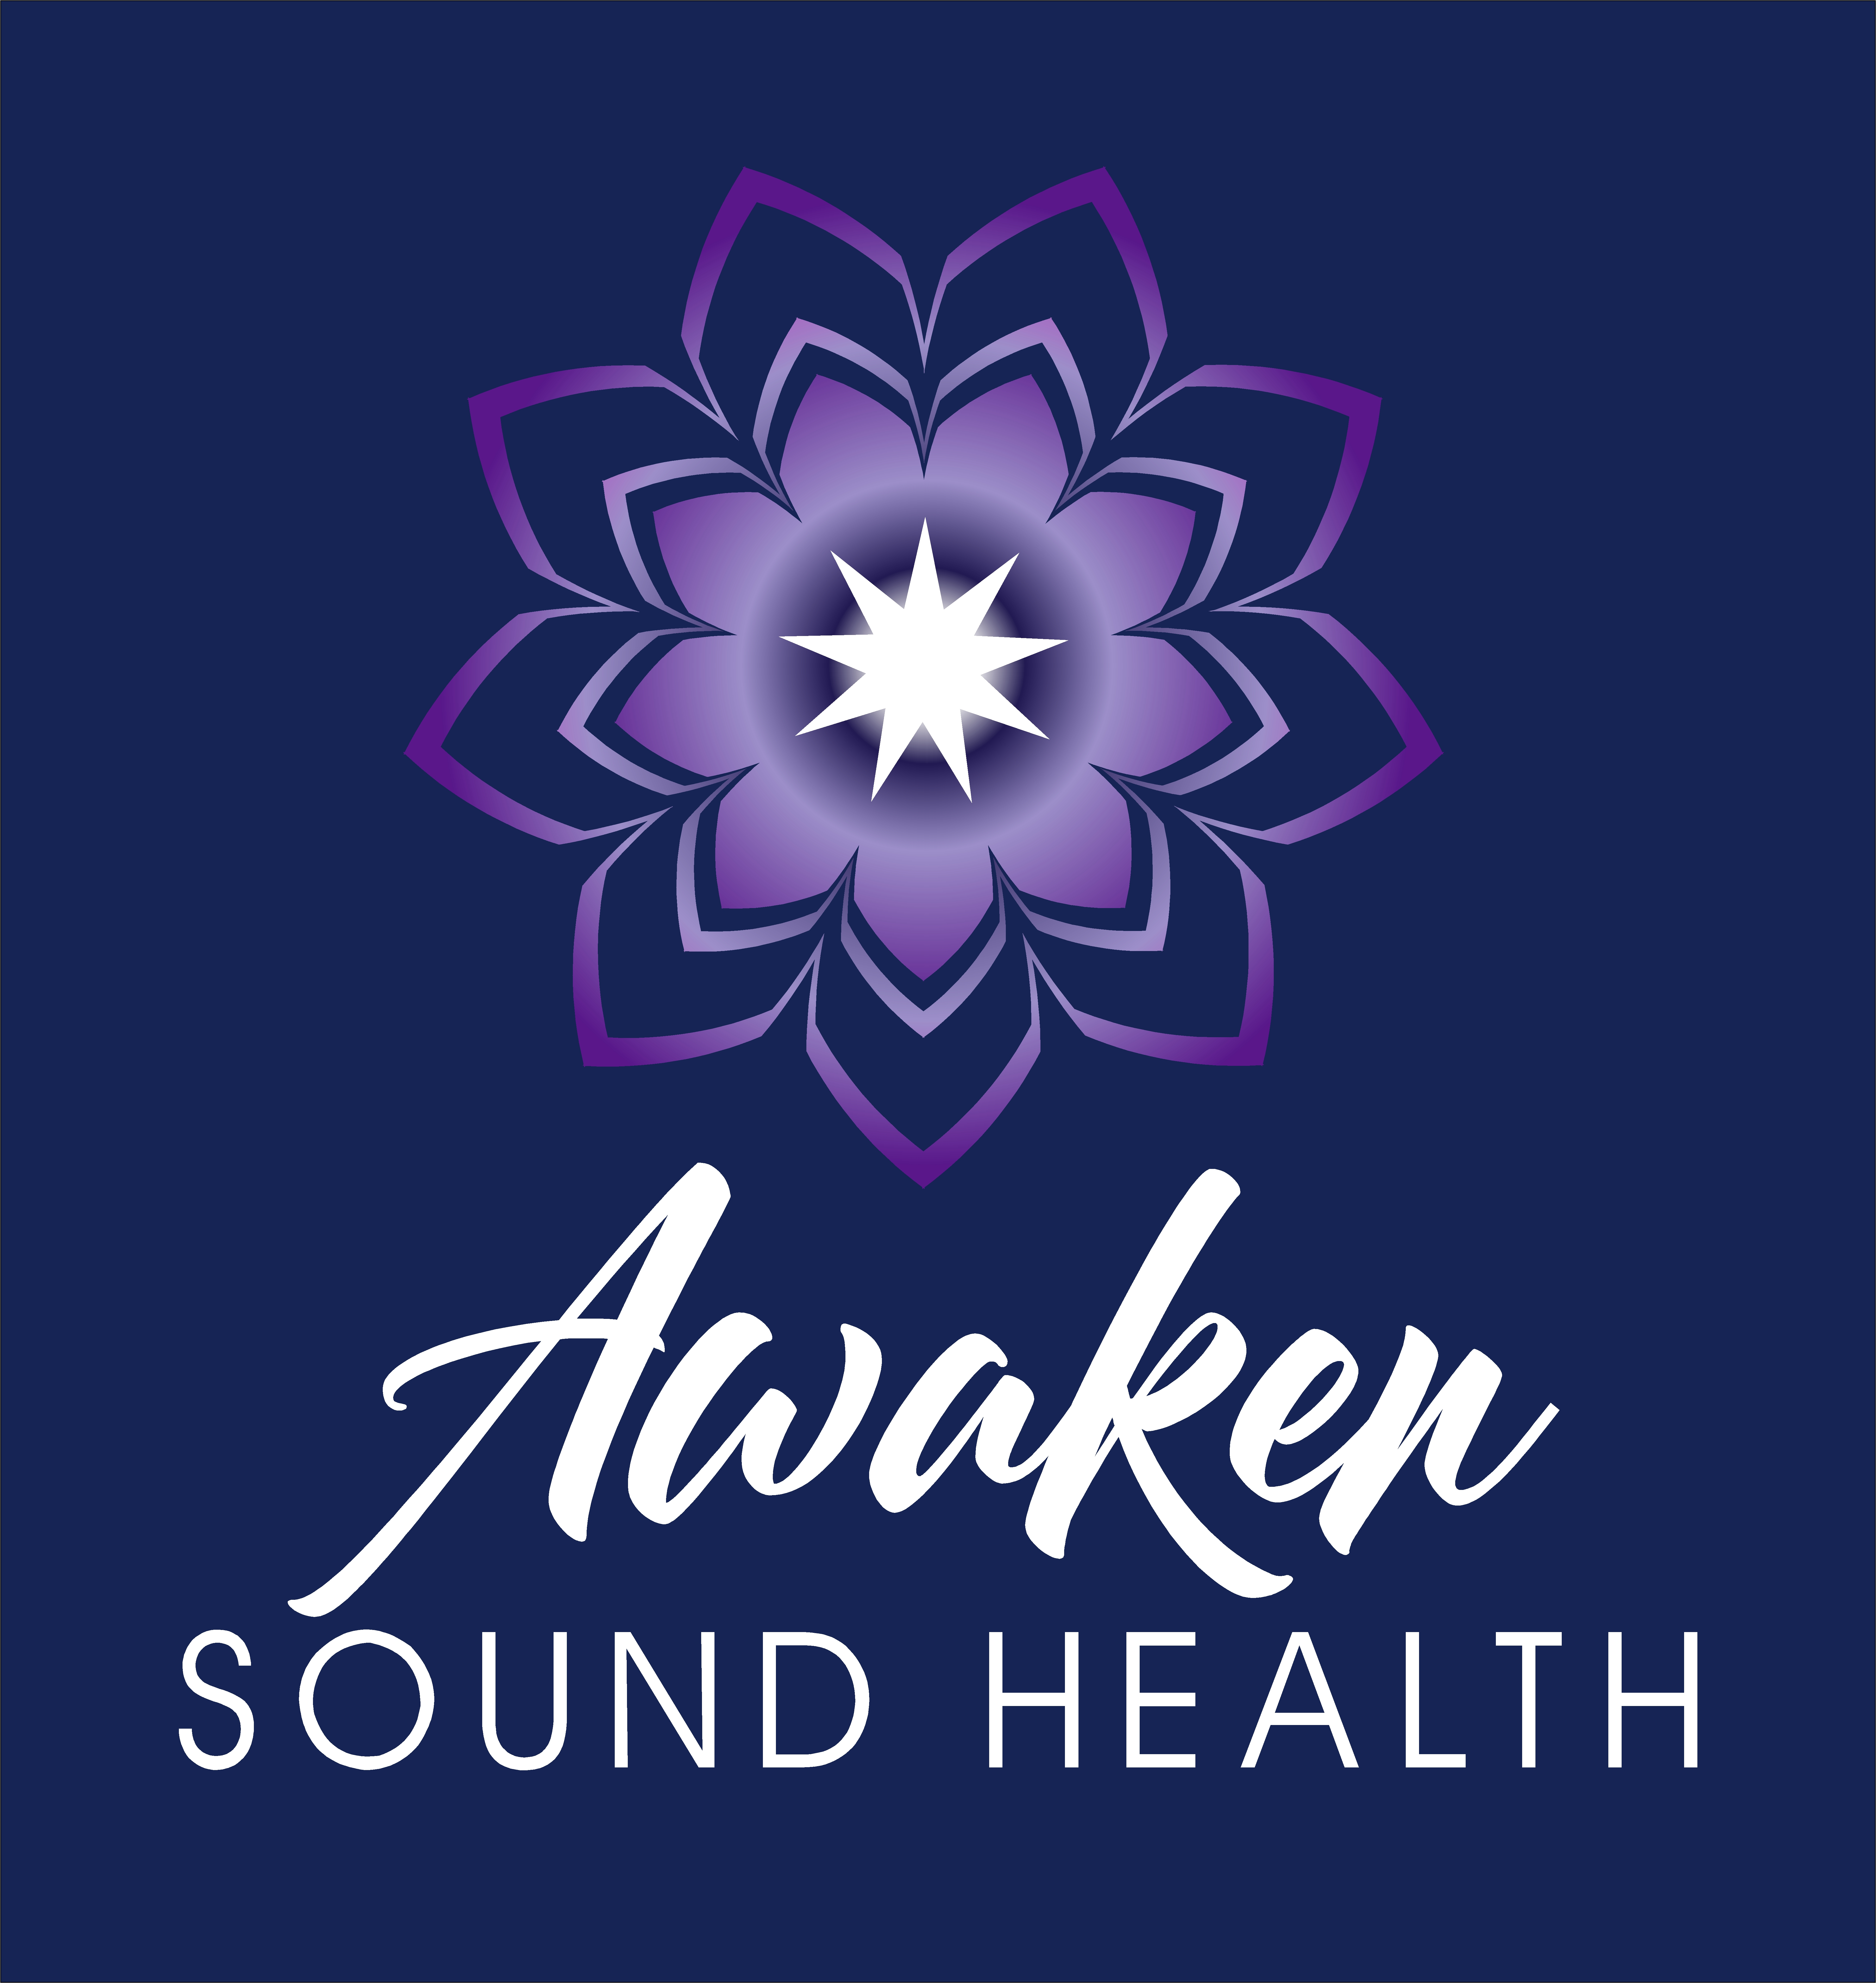 Awaken Sound Health